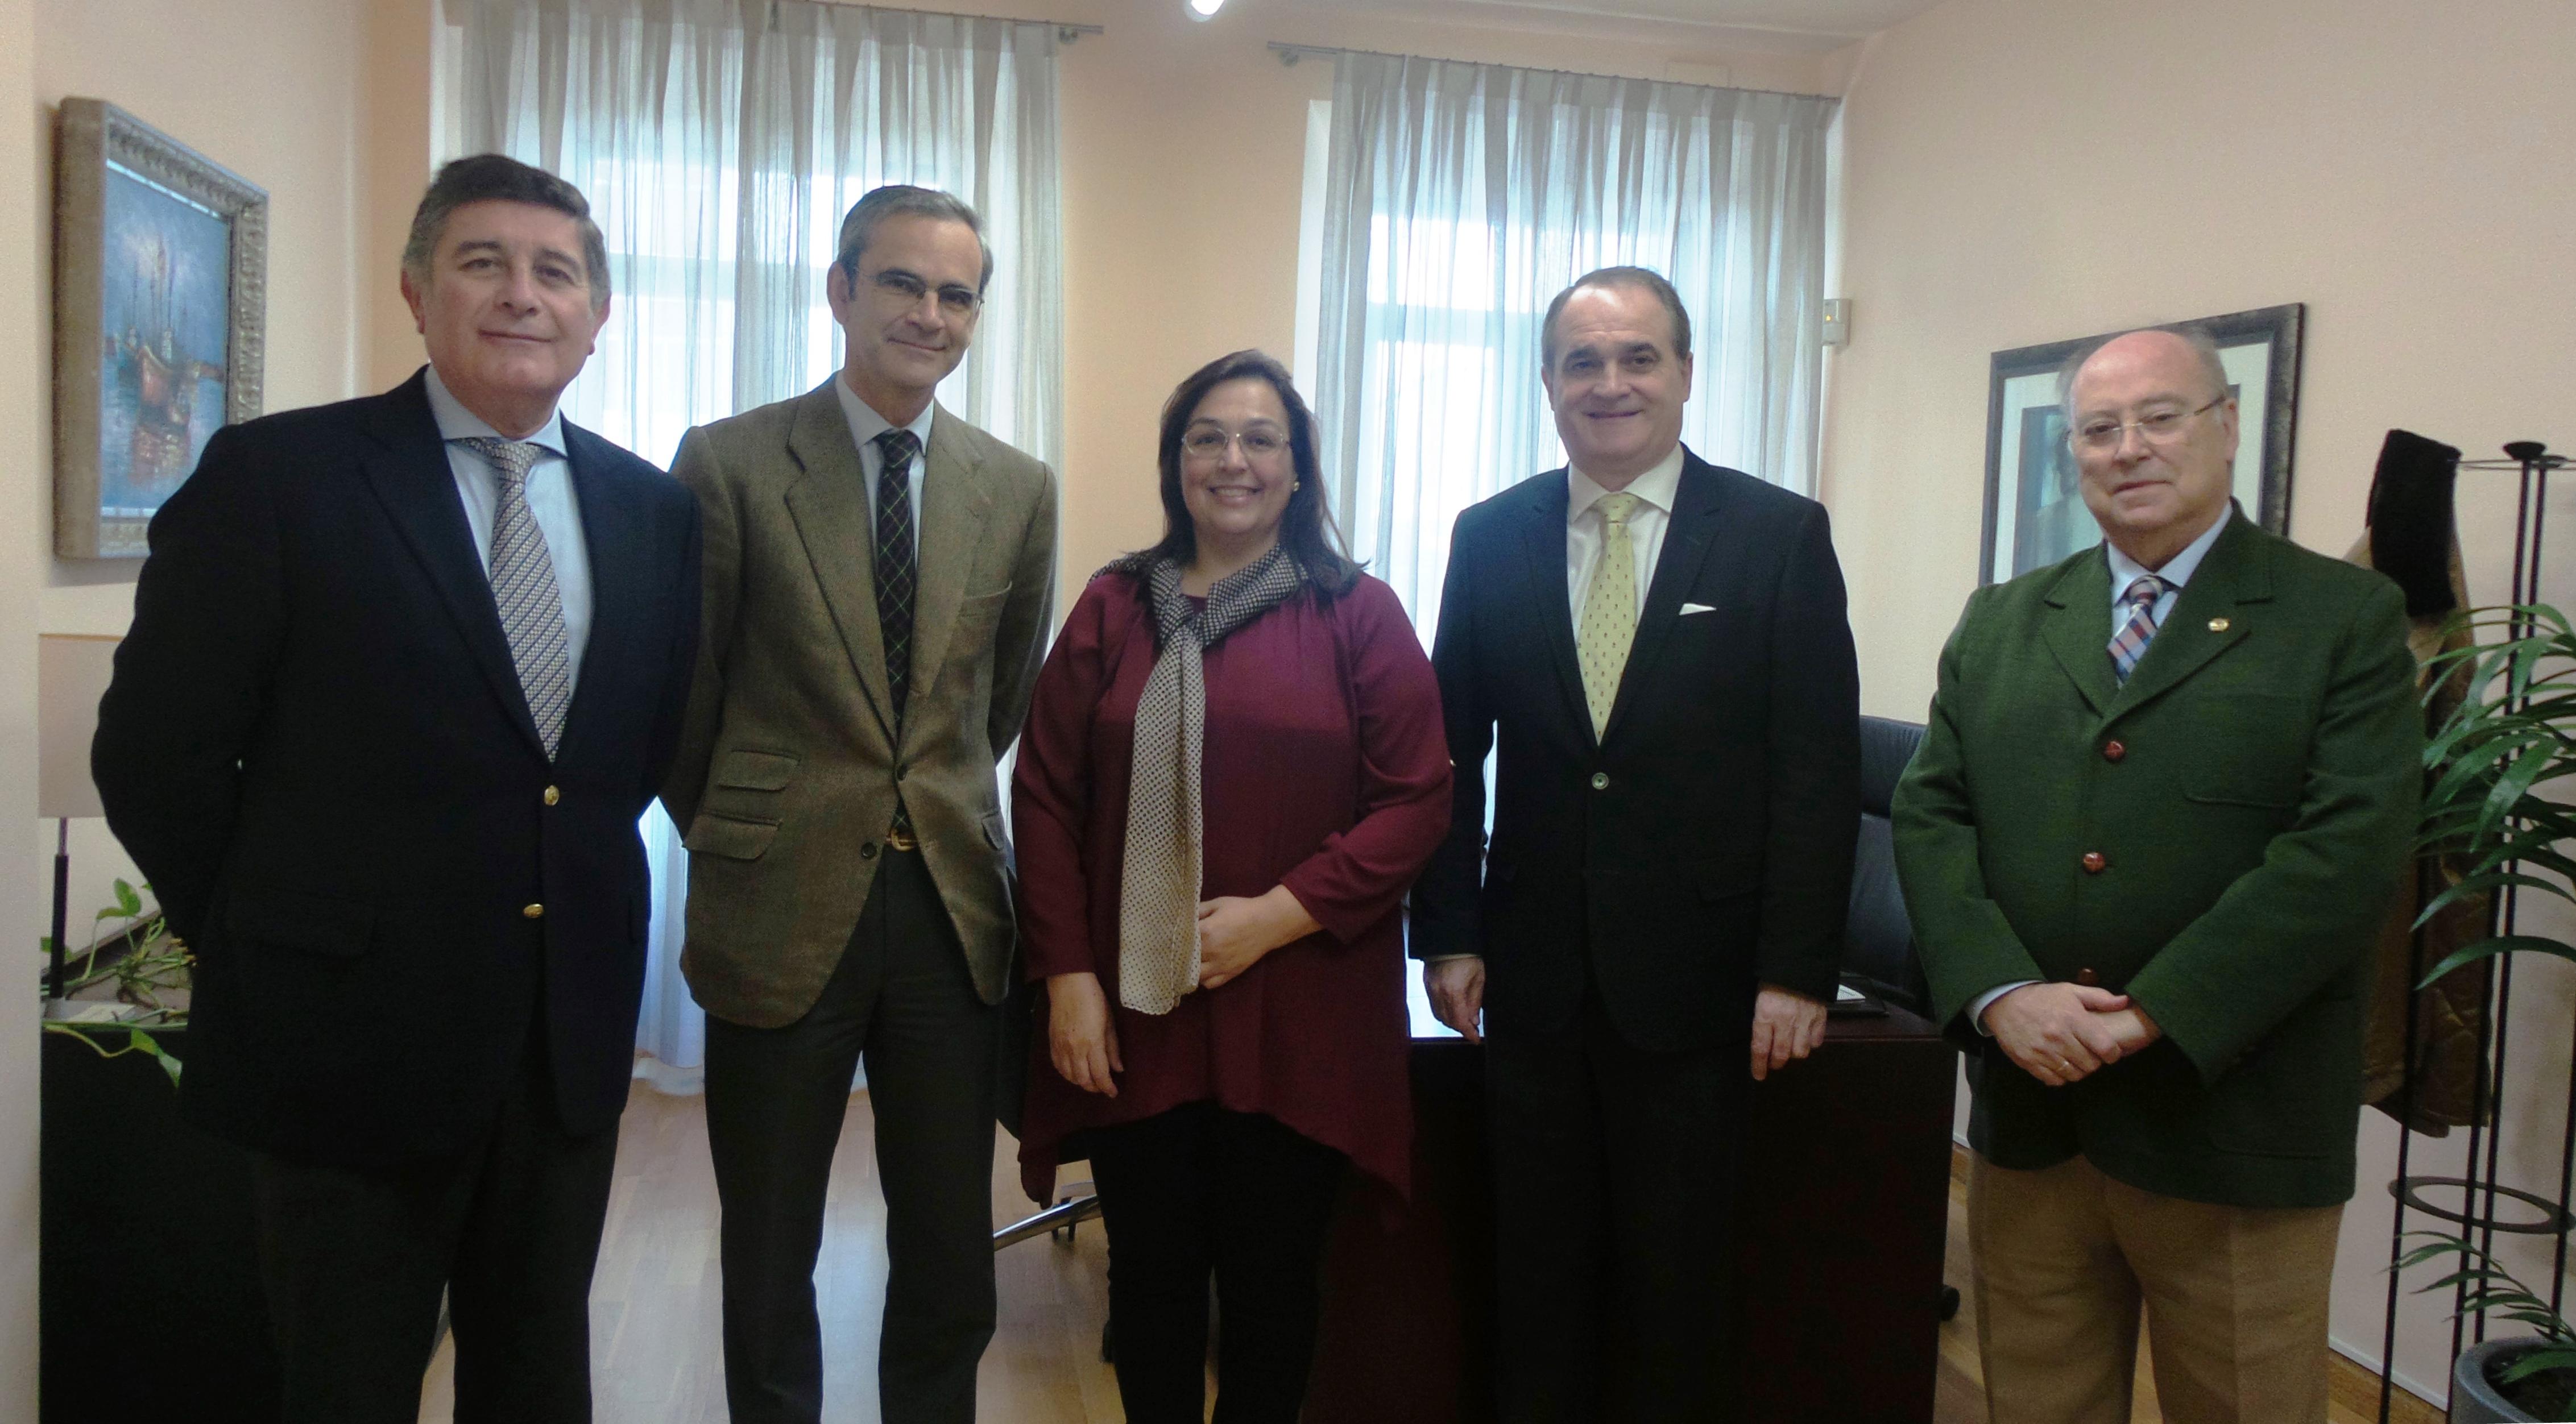 Las farmacias andaluzas colaborarán con la Federación Andaluza de Fibromialgia